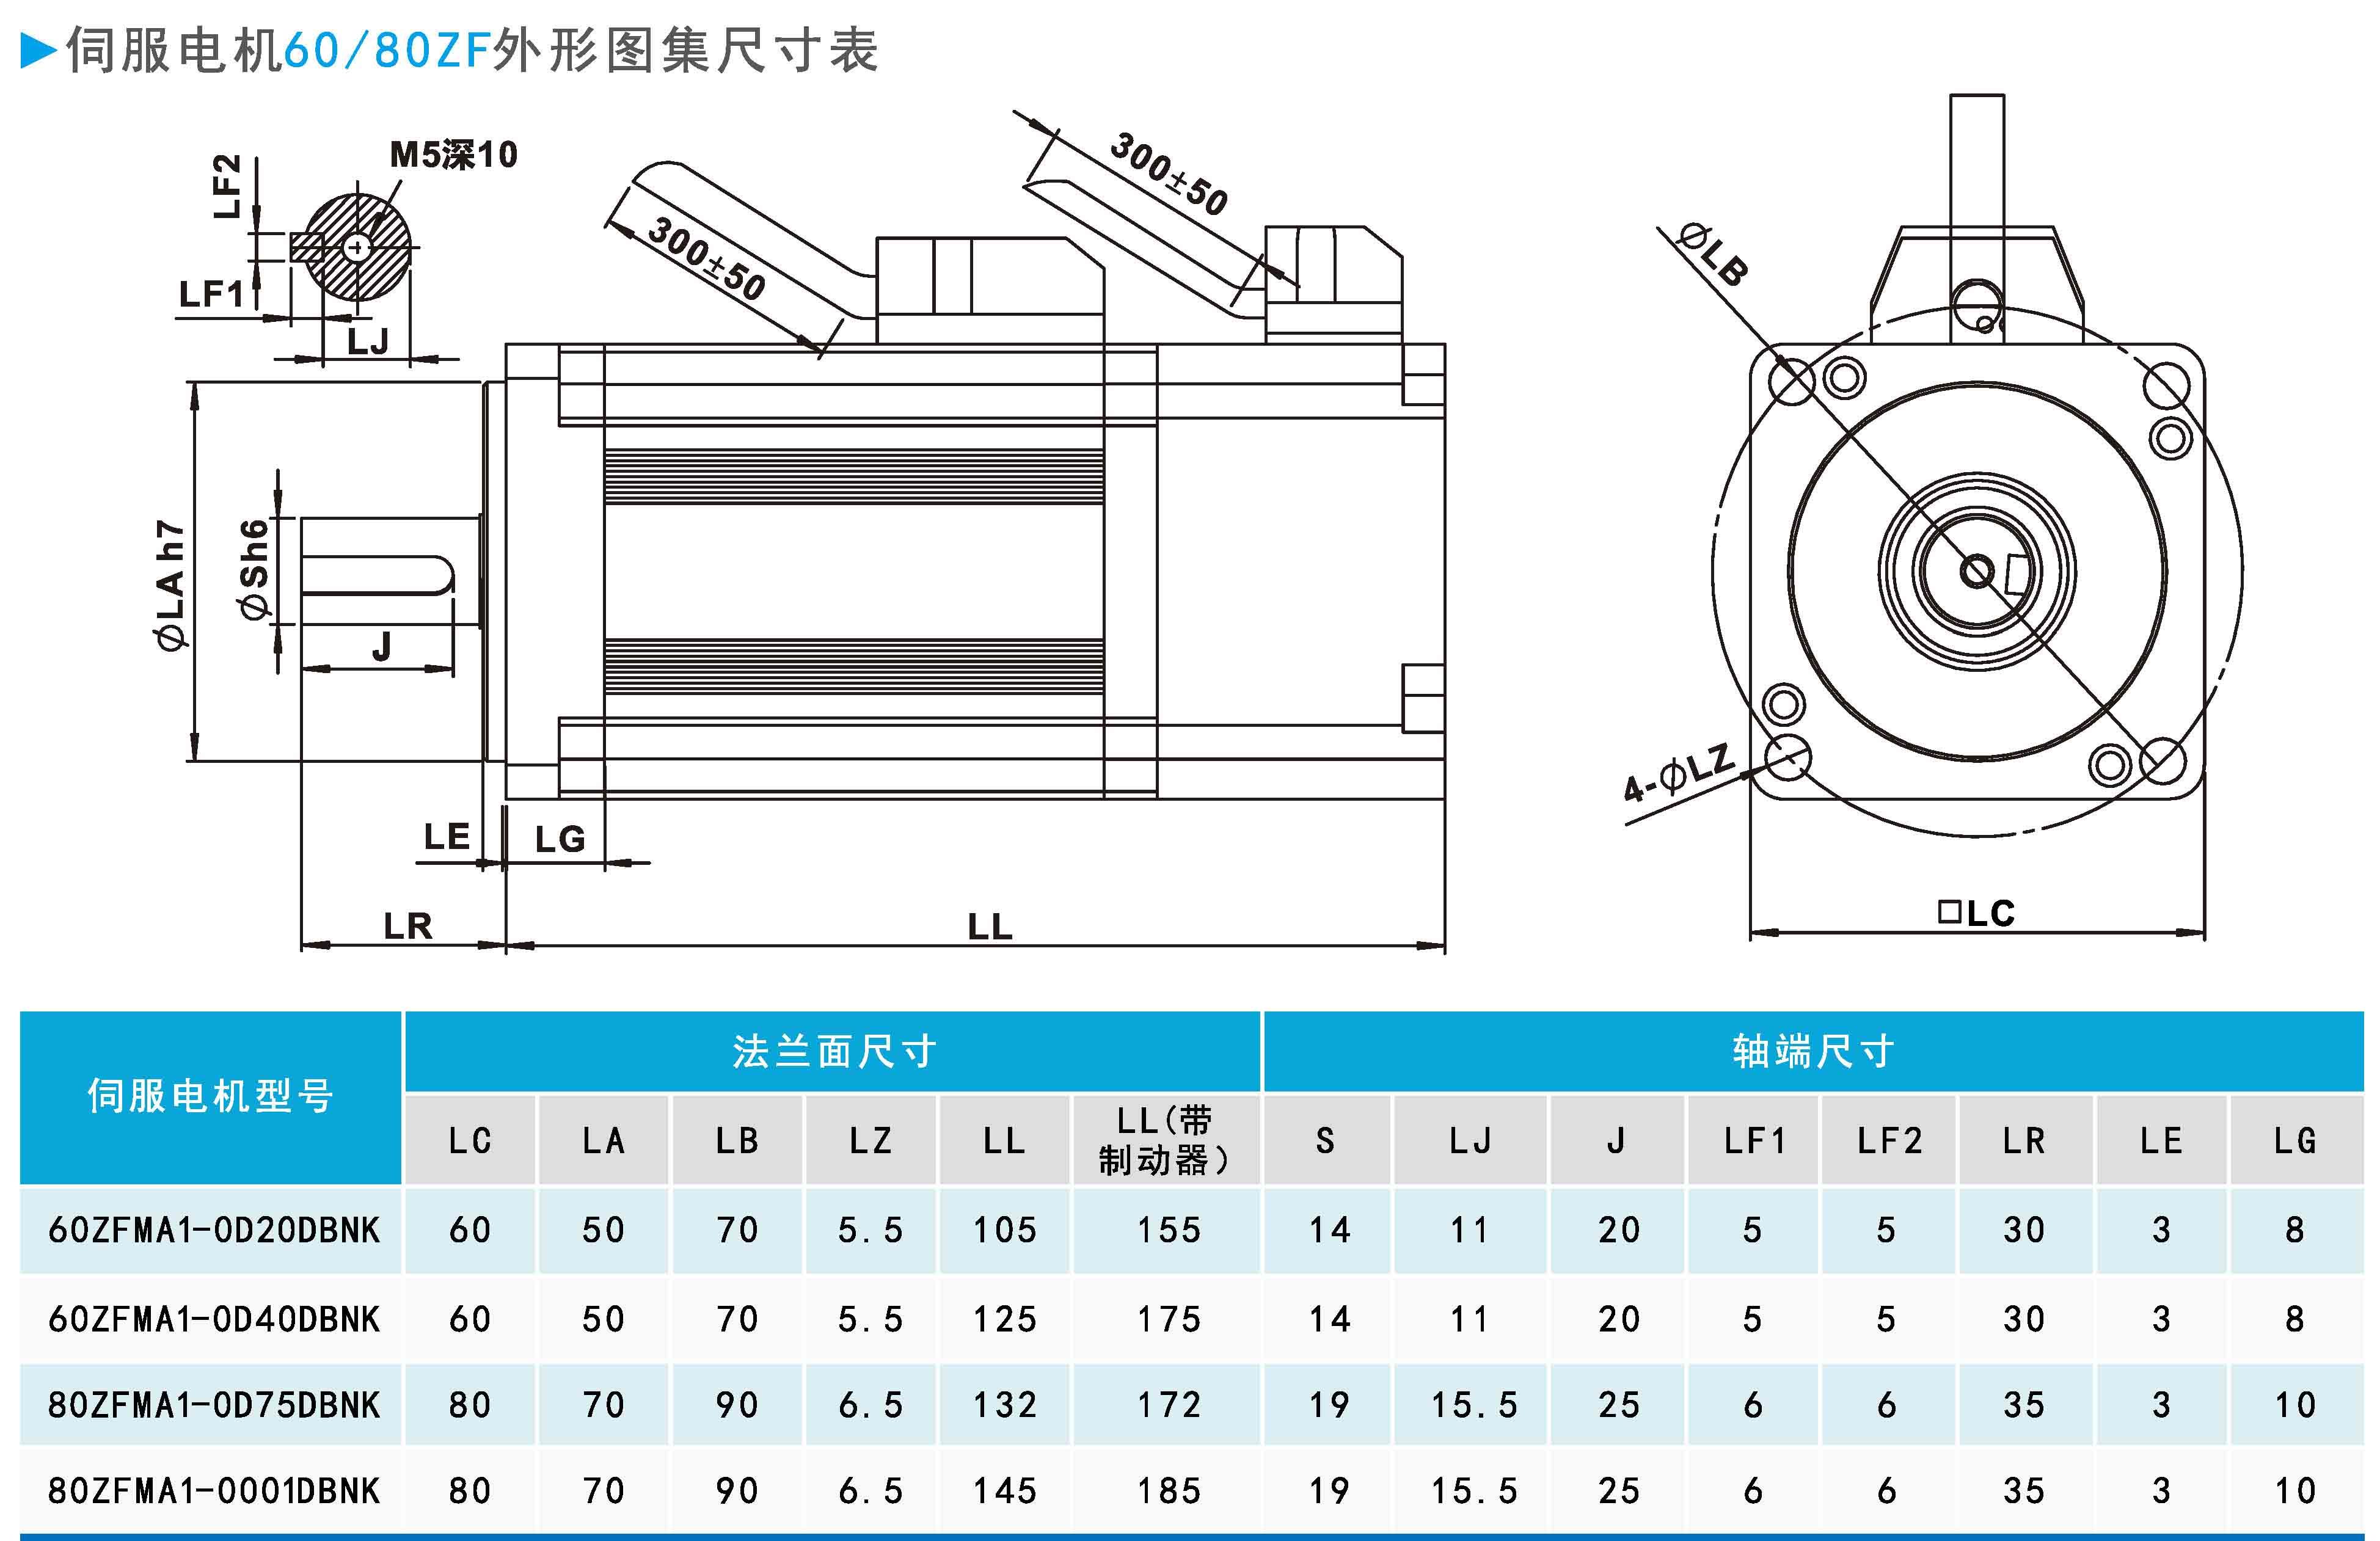 伺服电机60 80ZF外形图及尺寸表.jpg